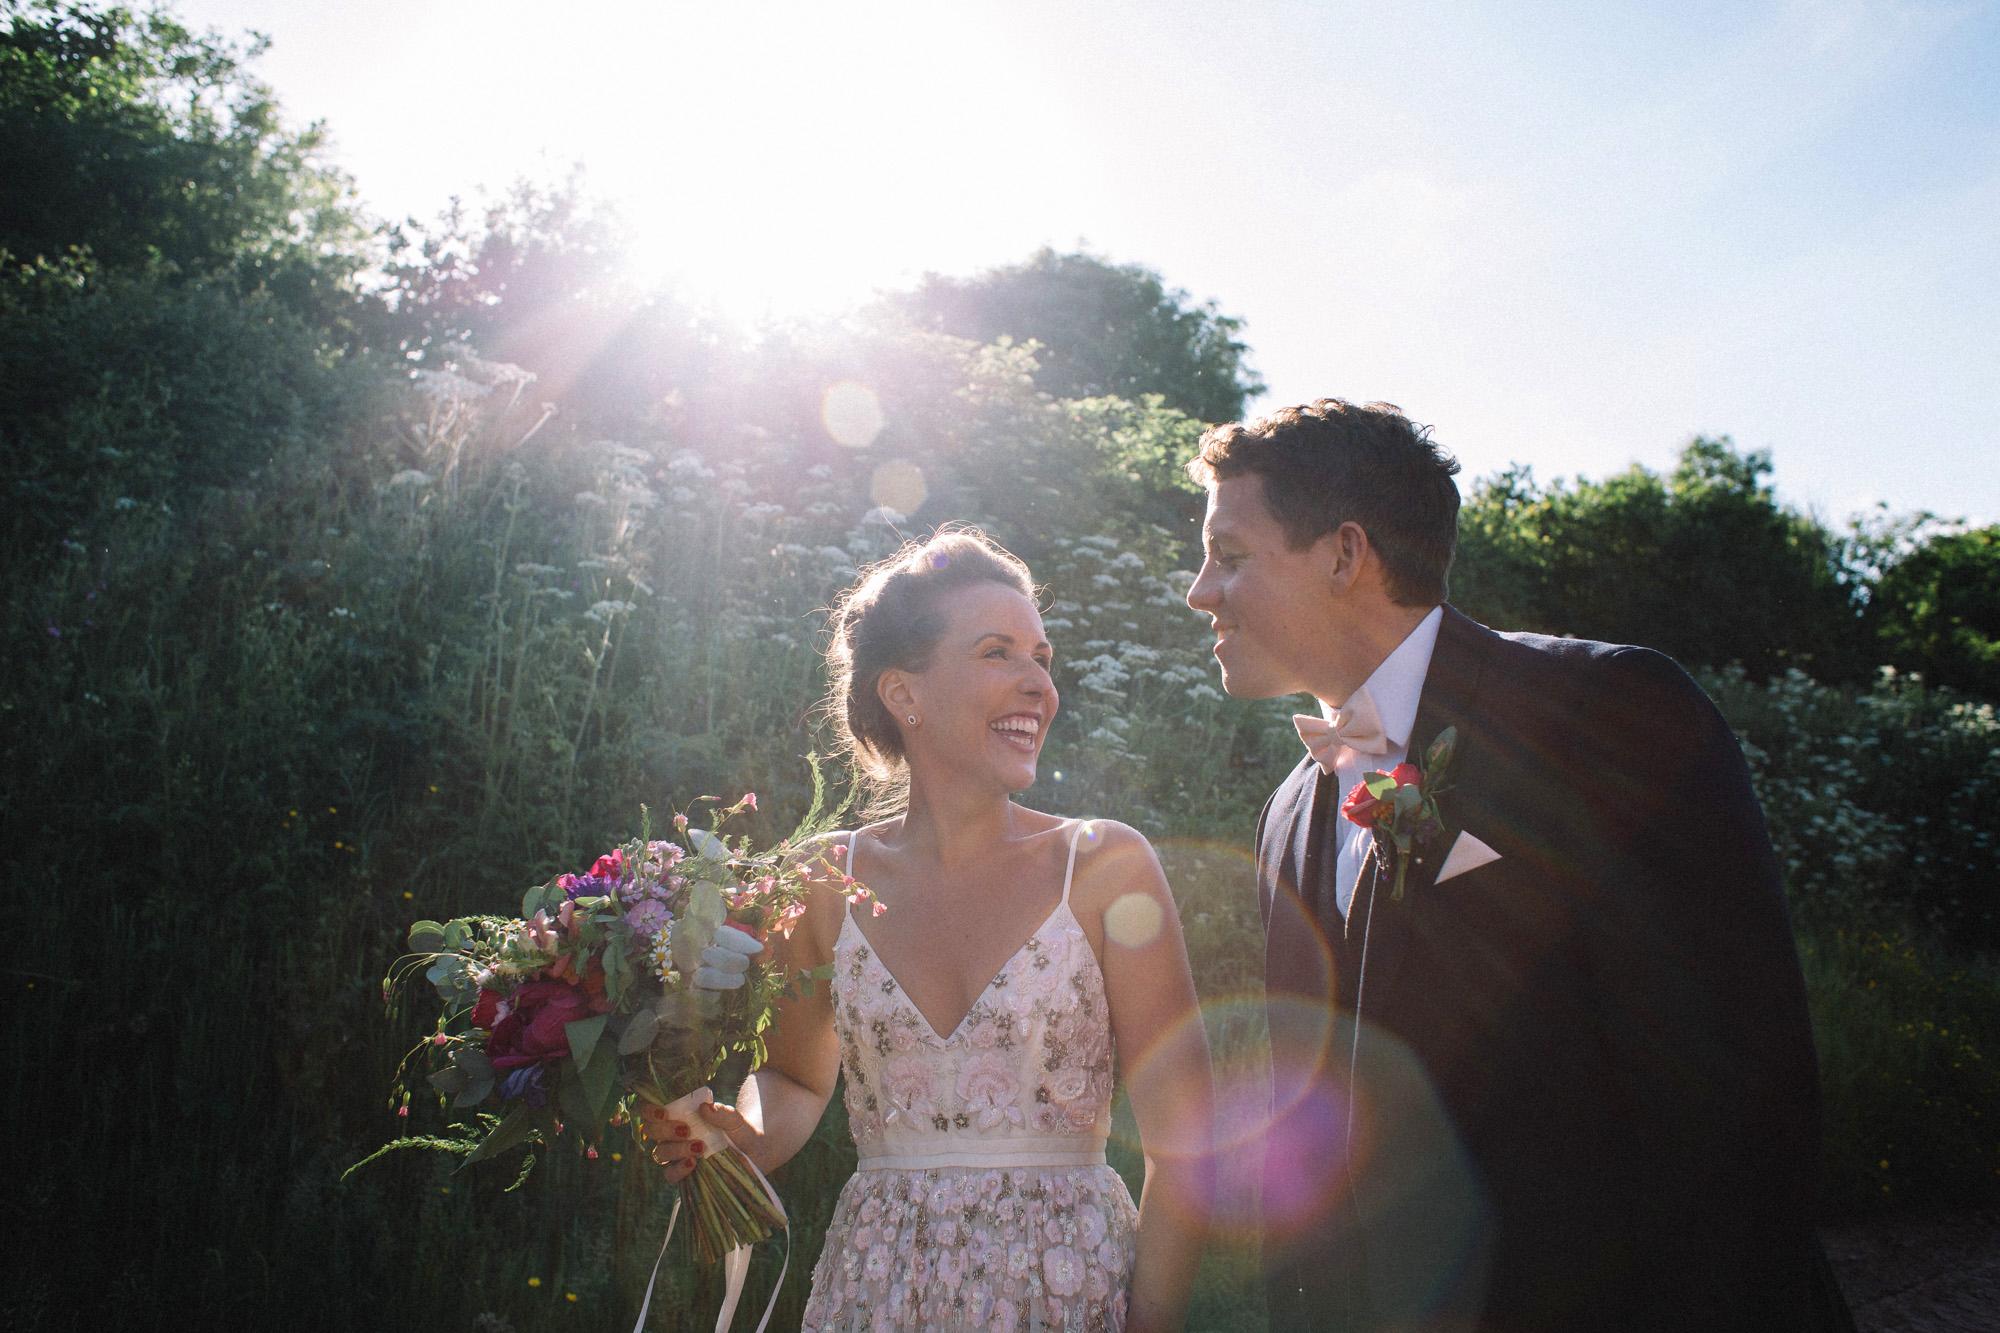 d3d44a26fcd A Needle   Thread Dress for a Laid-Back + Colourful DIY Farm Wedding In  Dorset